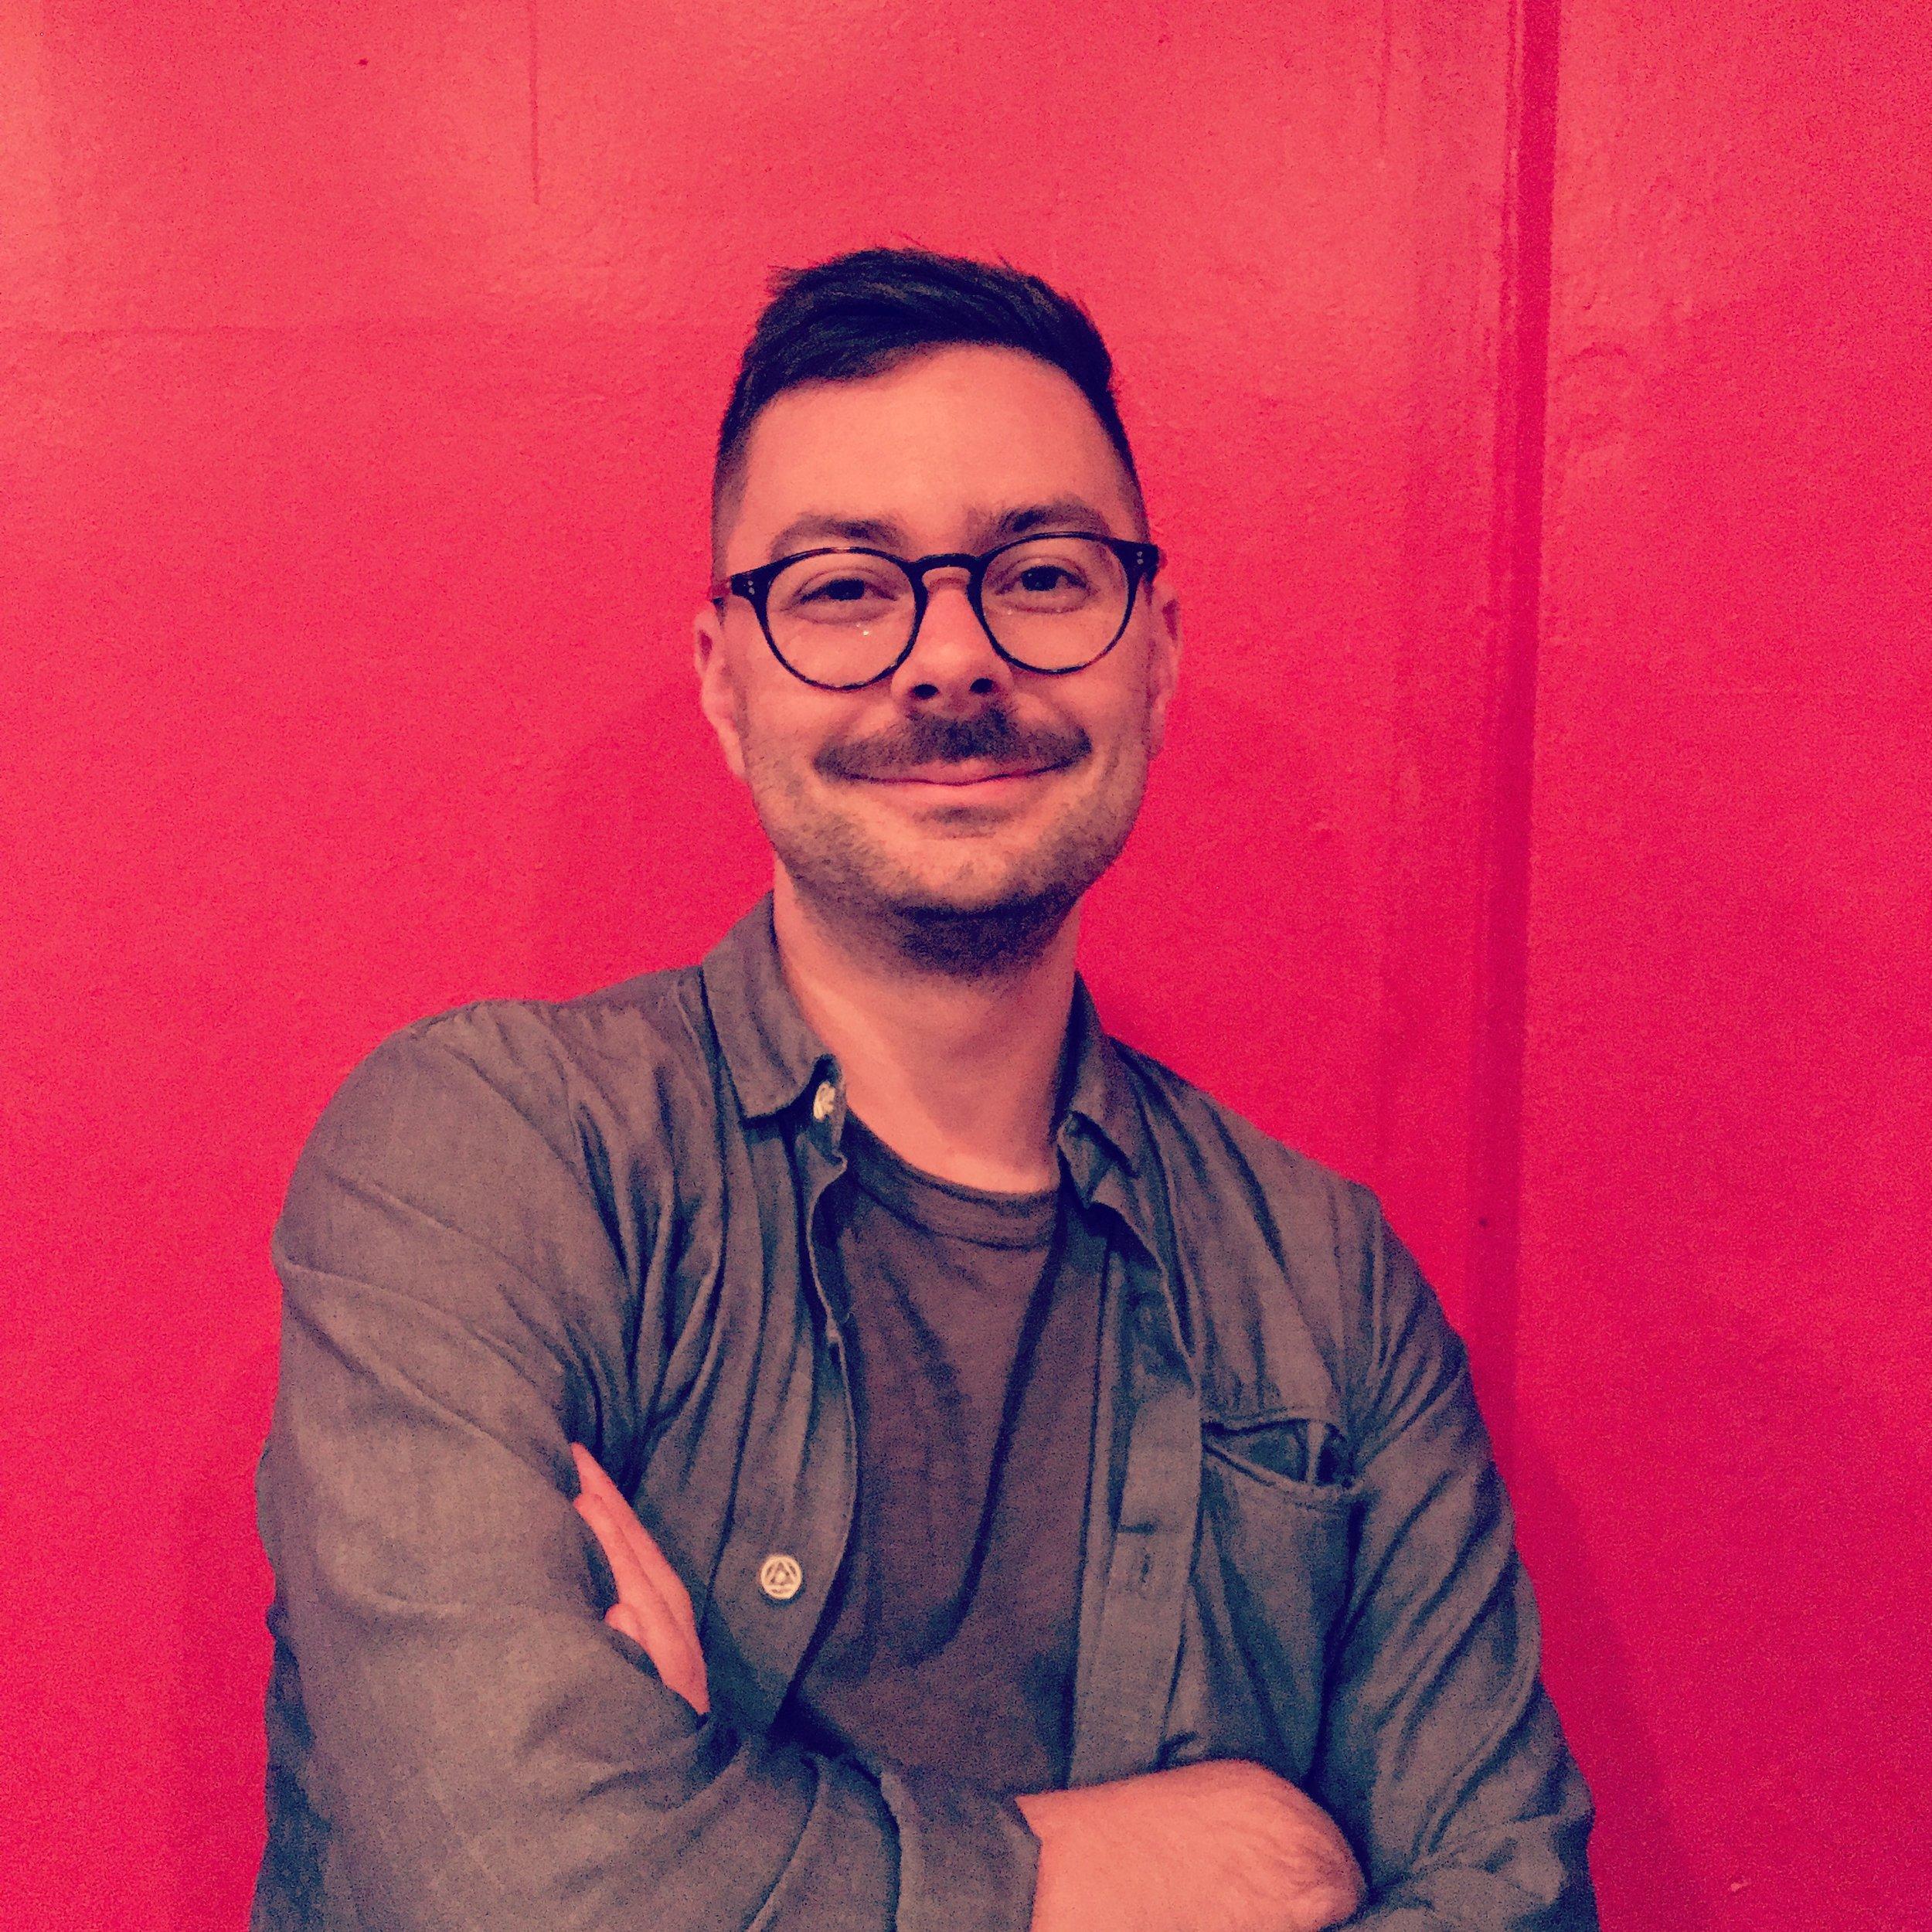 Brent Simoneaux